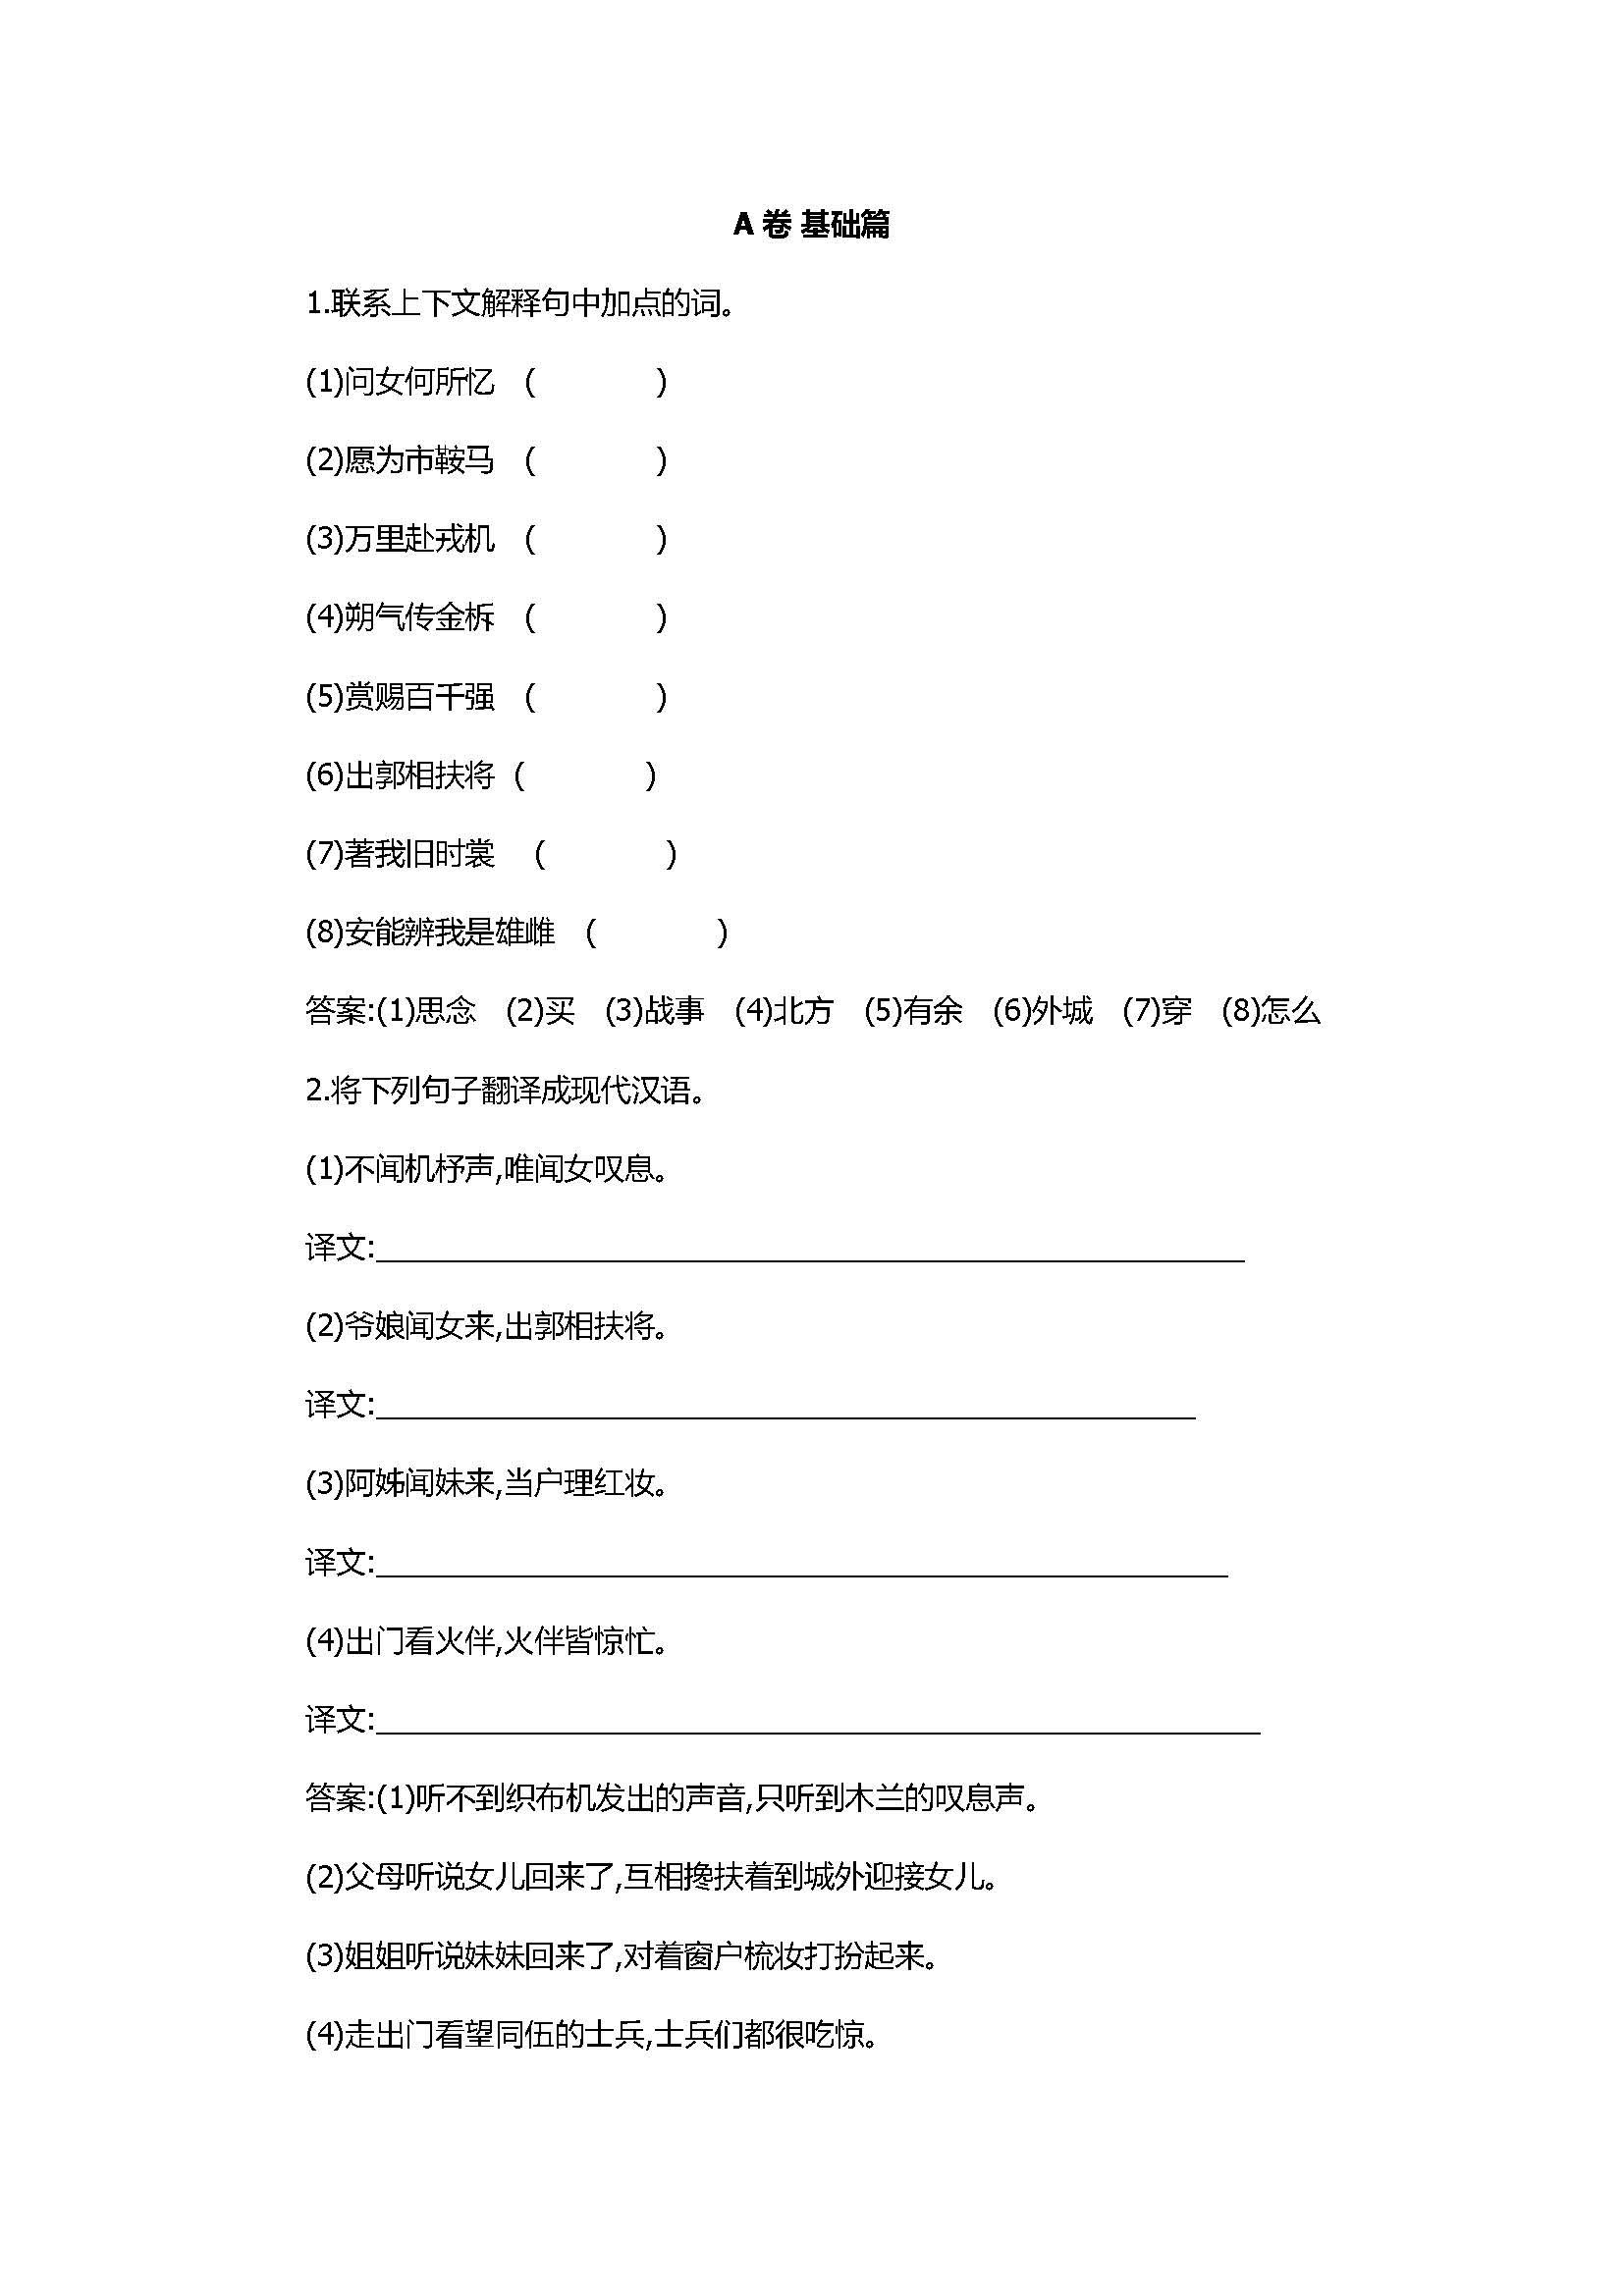 2017七年级语文下册《木兰诗》精编同步练习题含参考答案